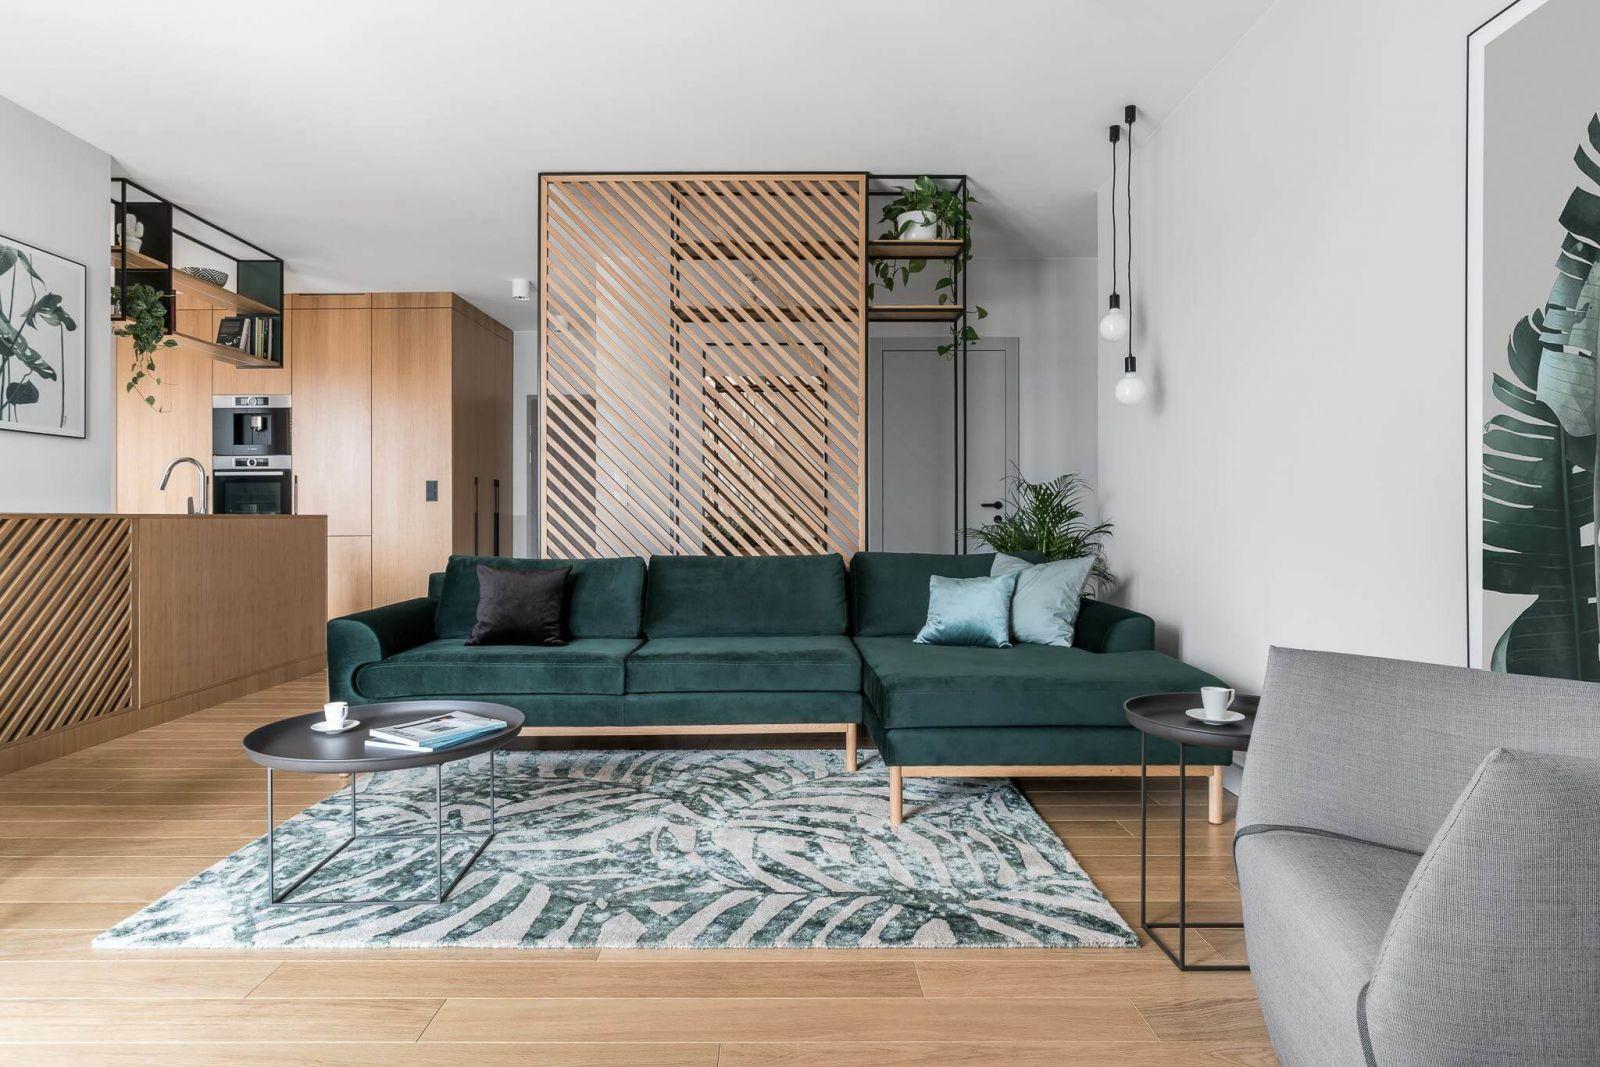 Просторная квартира-студия для молодой семьи.